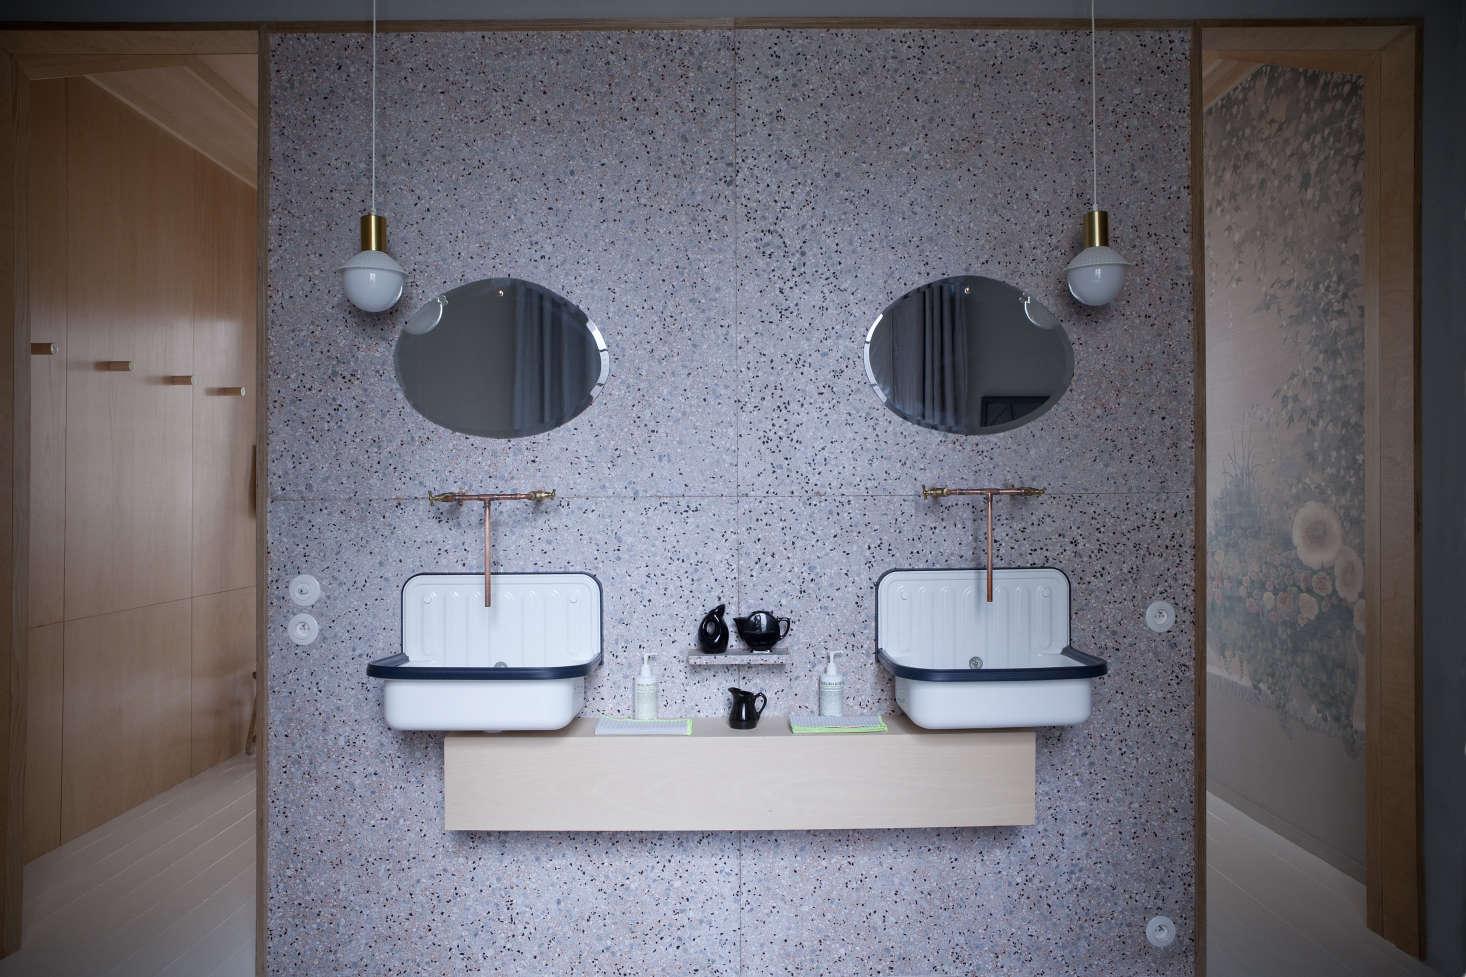 trend alert 11 deconstructed baths remodelista. Black Bedroom Furniture Sets. Home Design Ideas